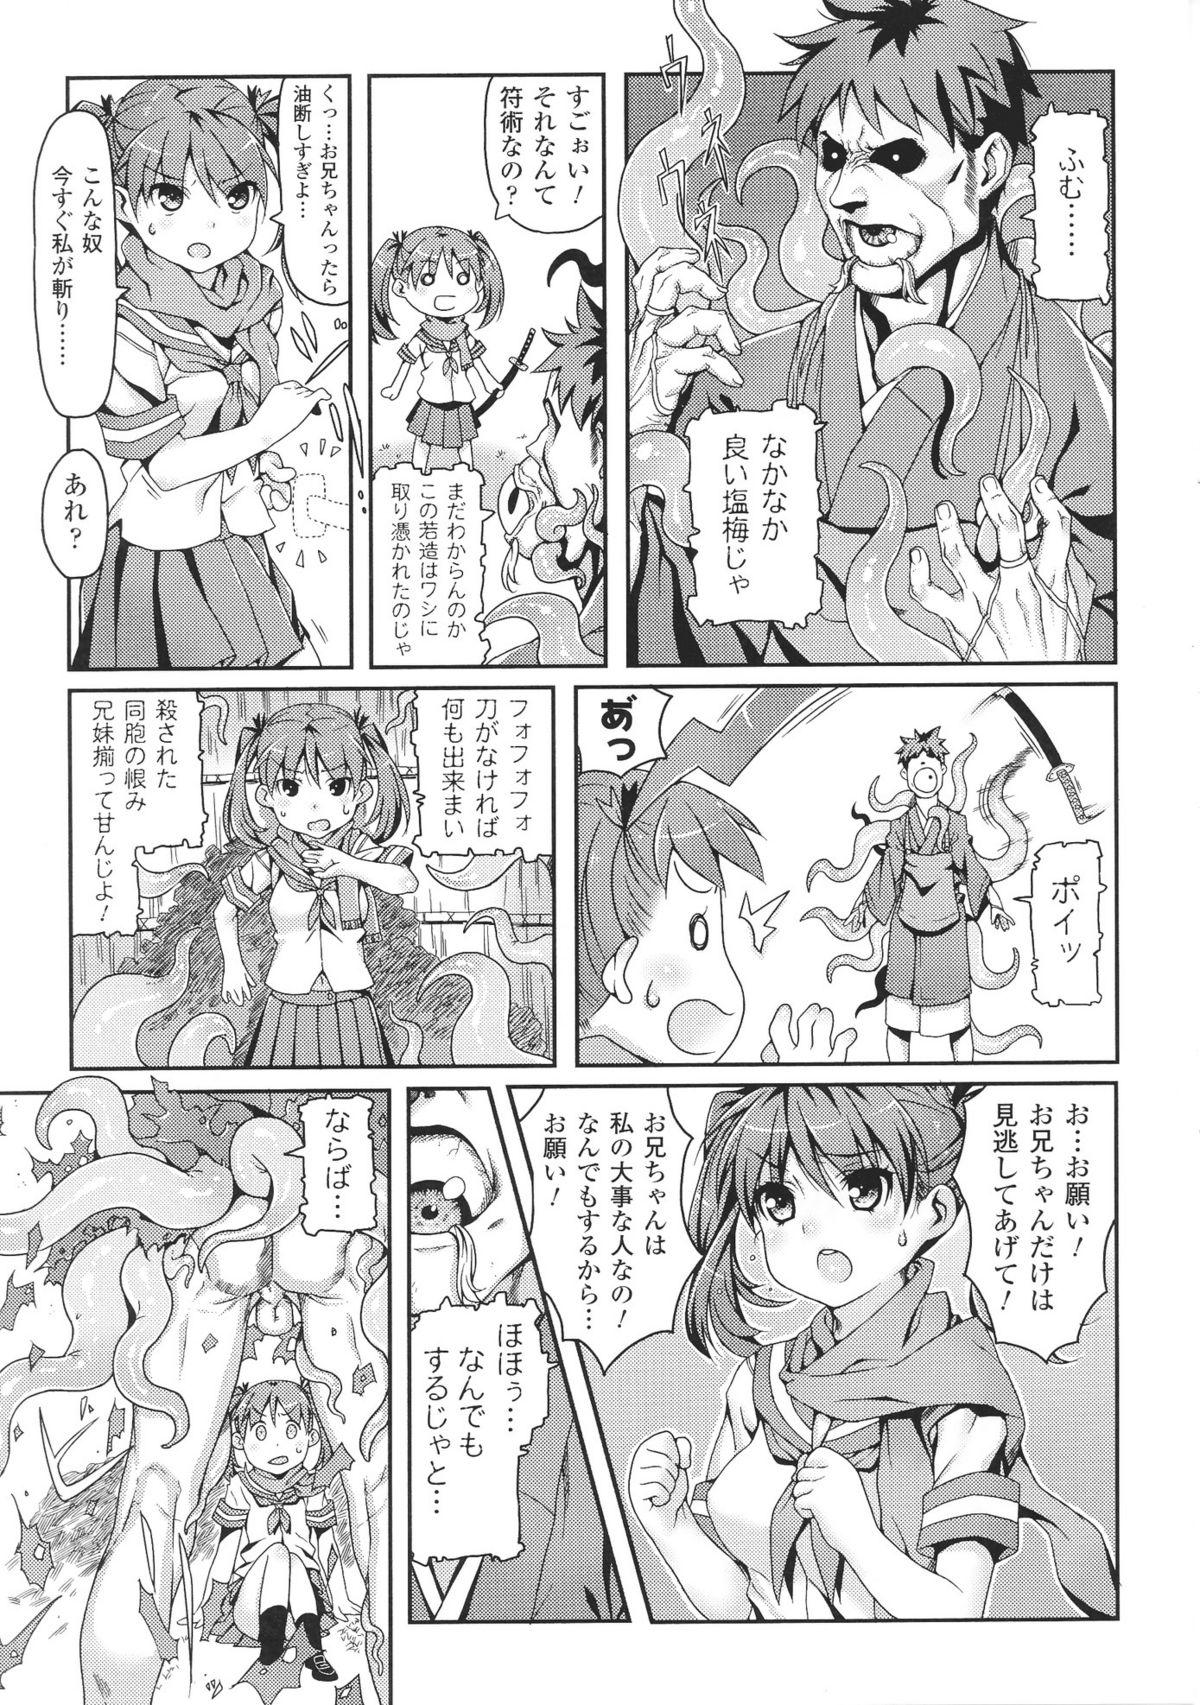 Toushin Engi Vol. 5 38